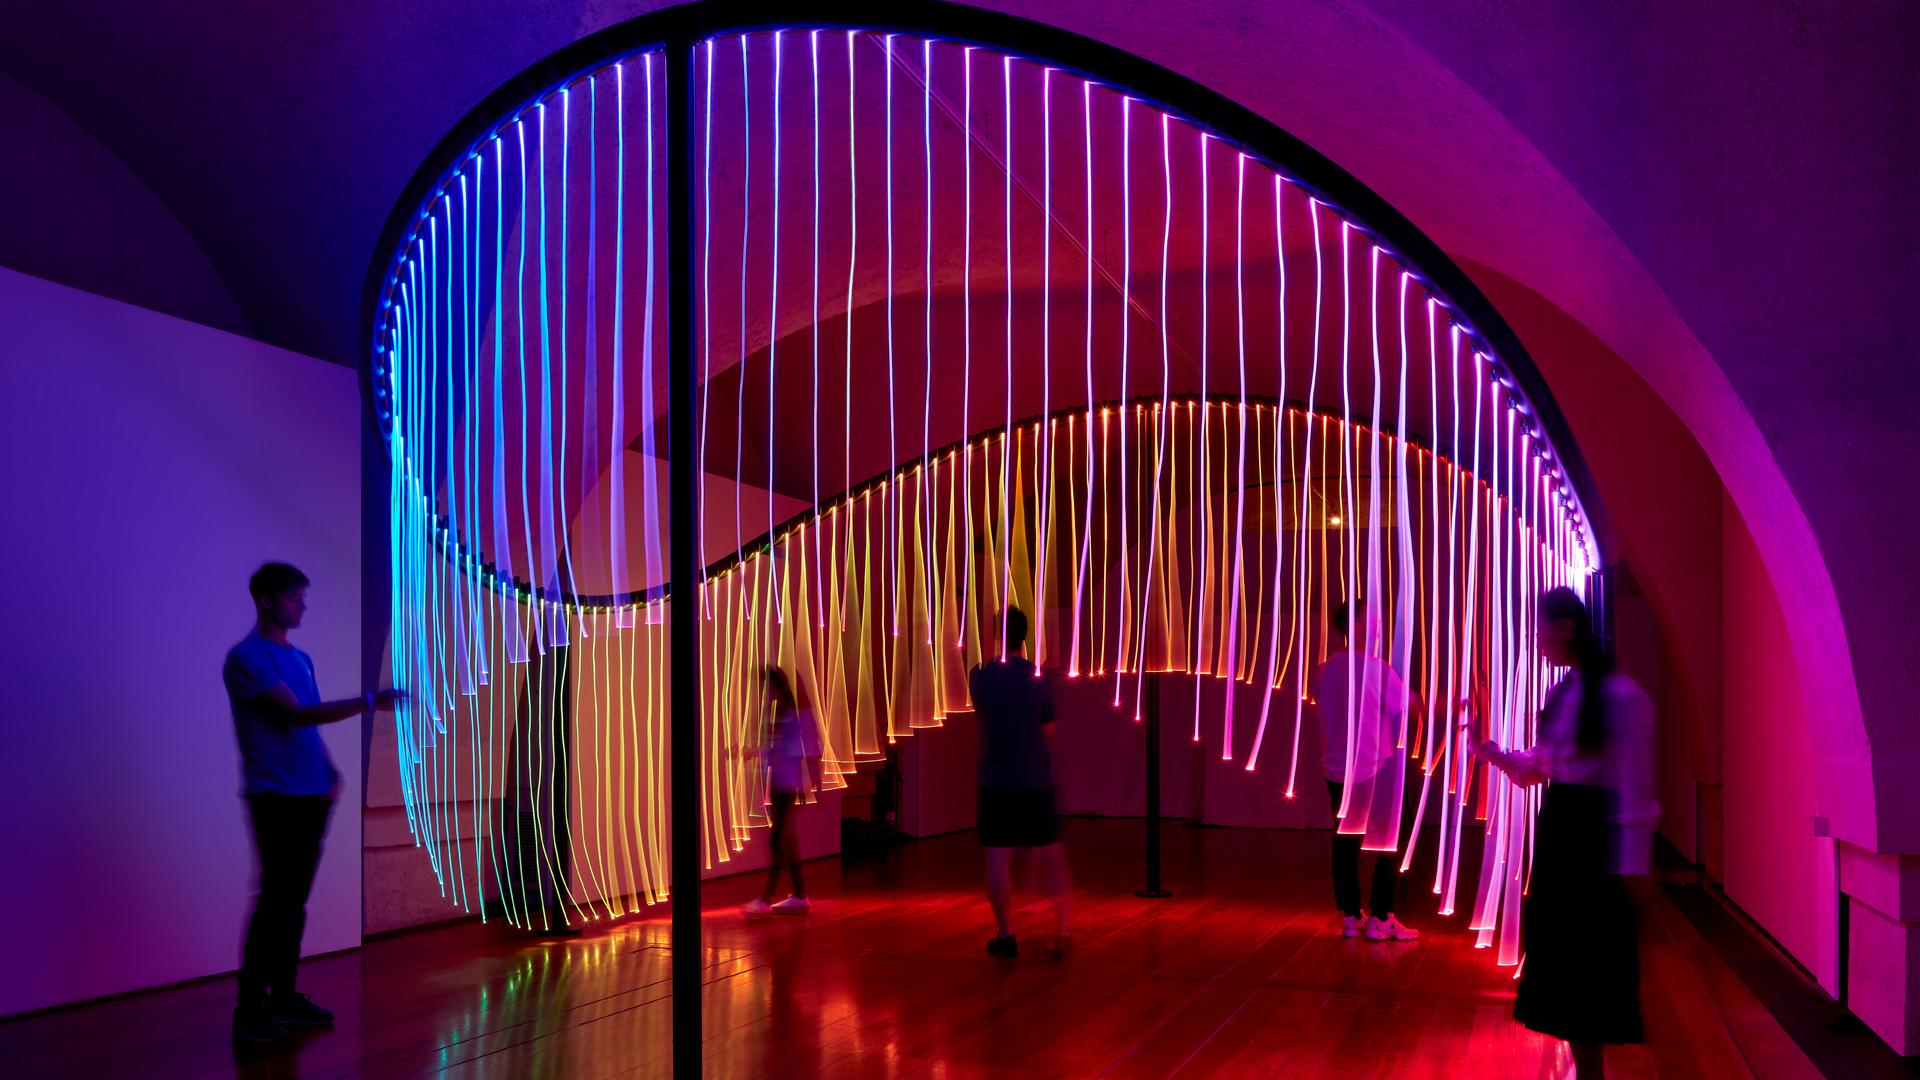 London Design Biennale postponed to 2021